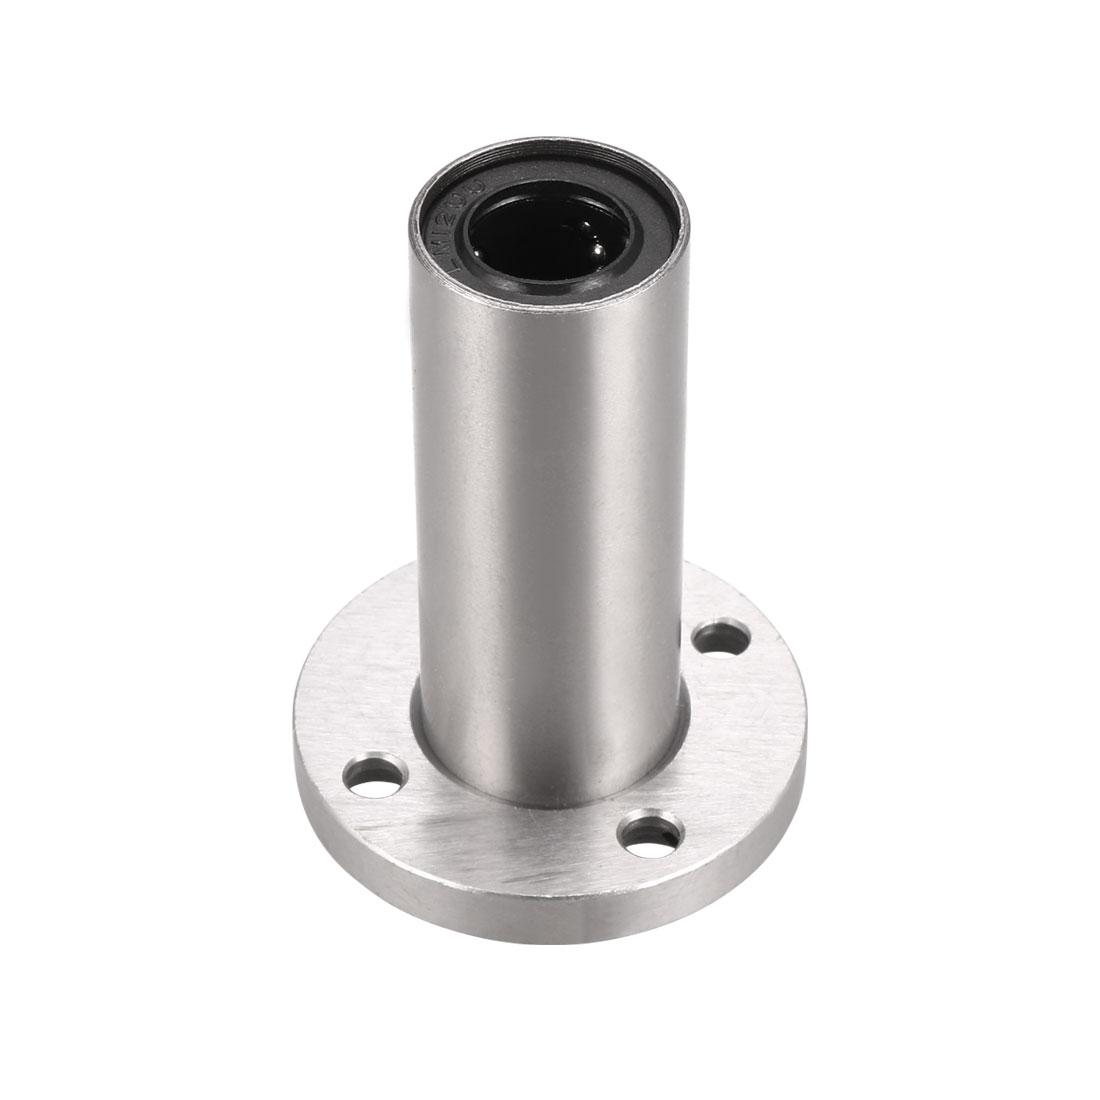 12mm Inner Diameter Flange Linear Motion Bushing Ball Bearing LMF12LUU